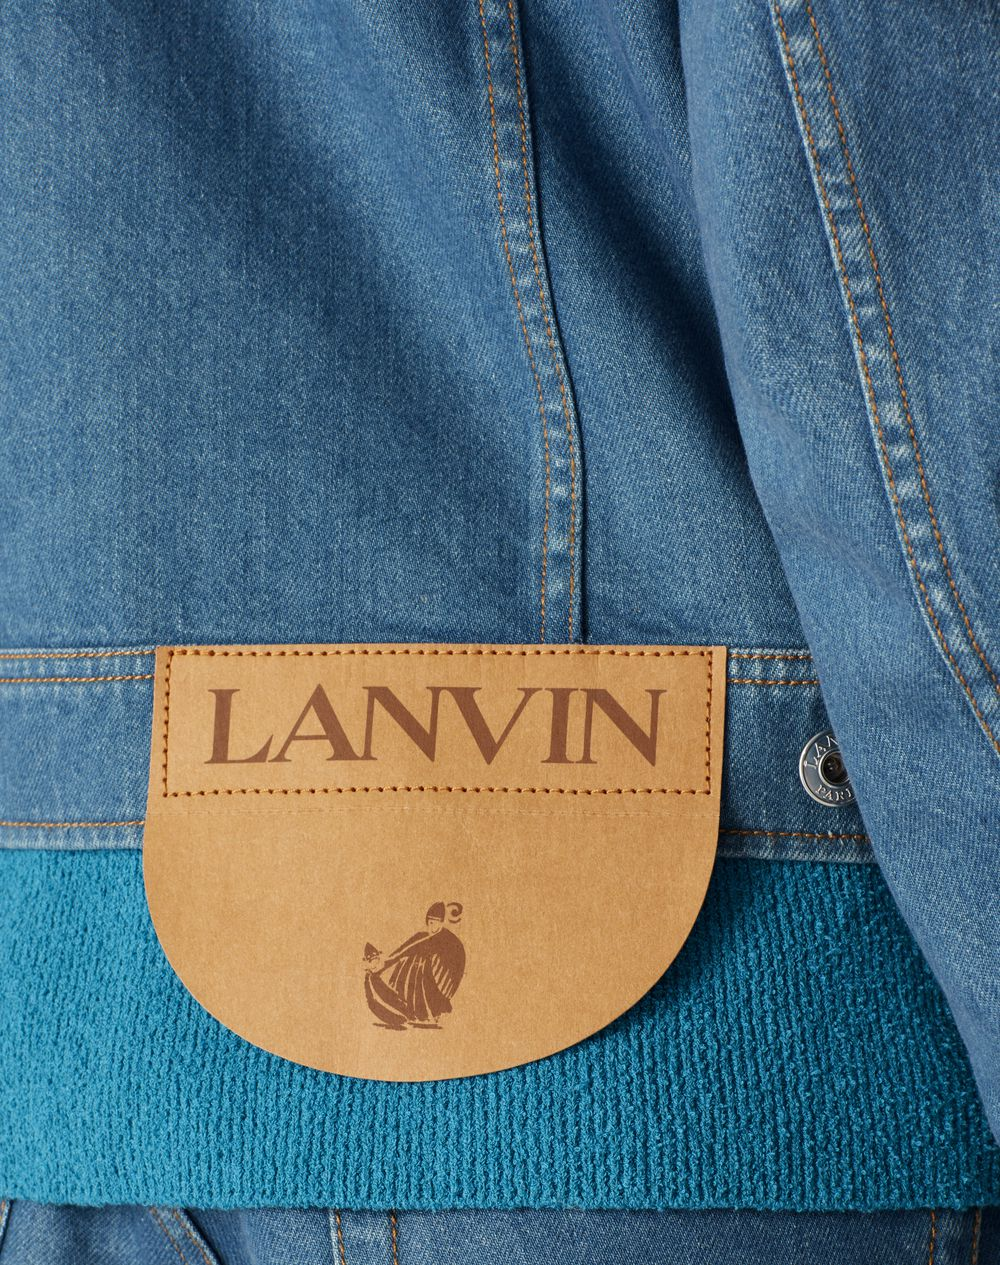 VESTE DENIM - Lanvin